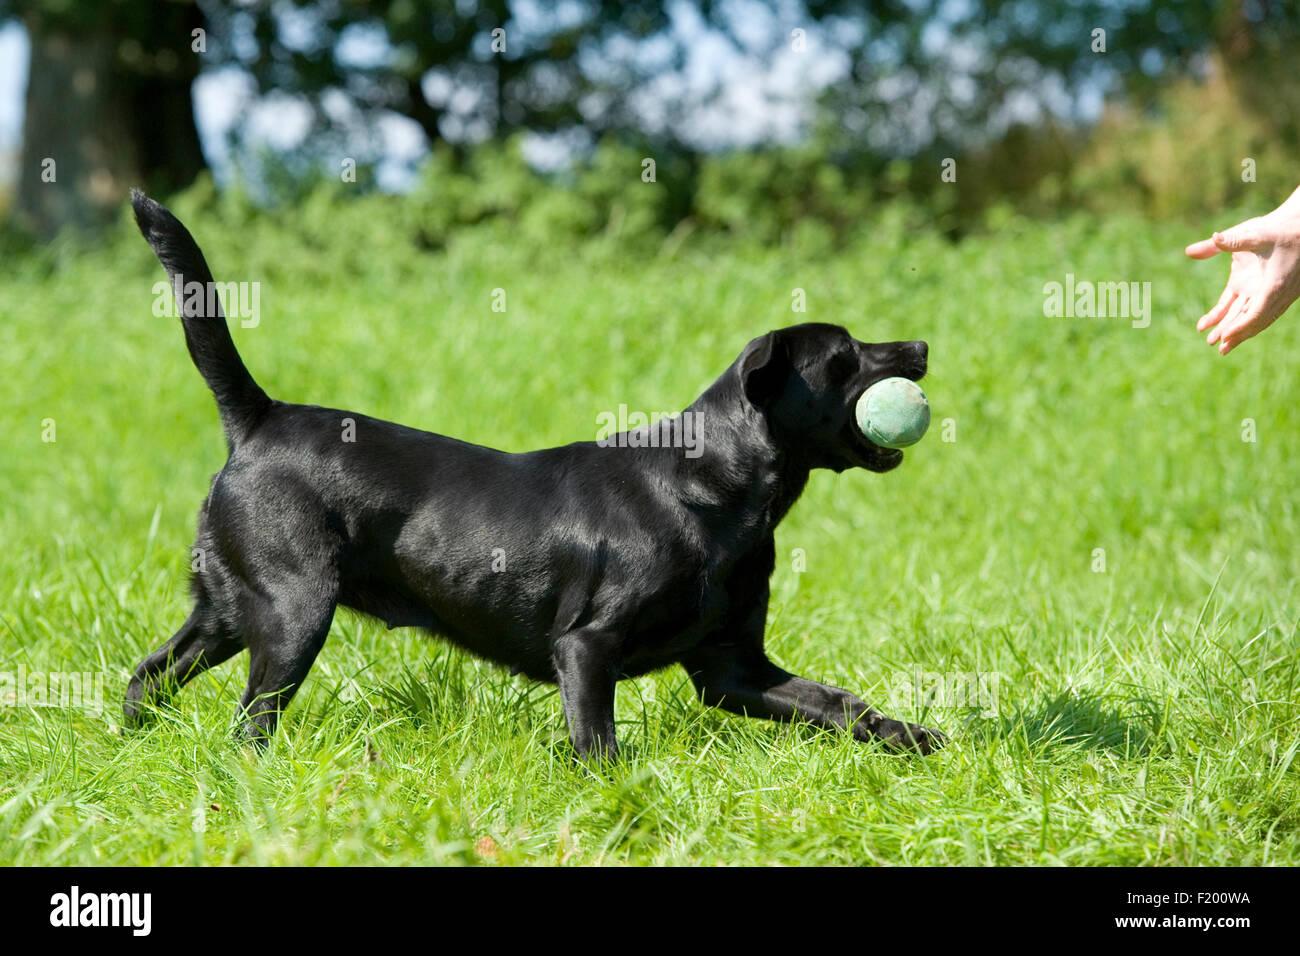 dog training - Stock Image